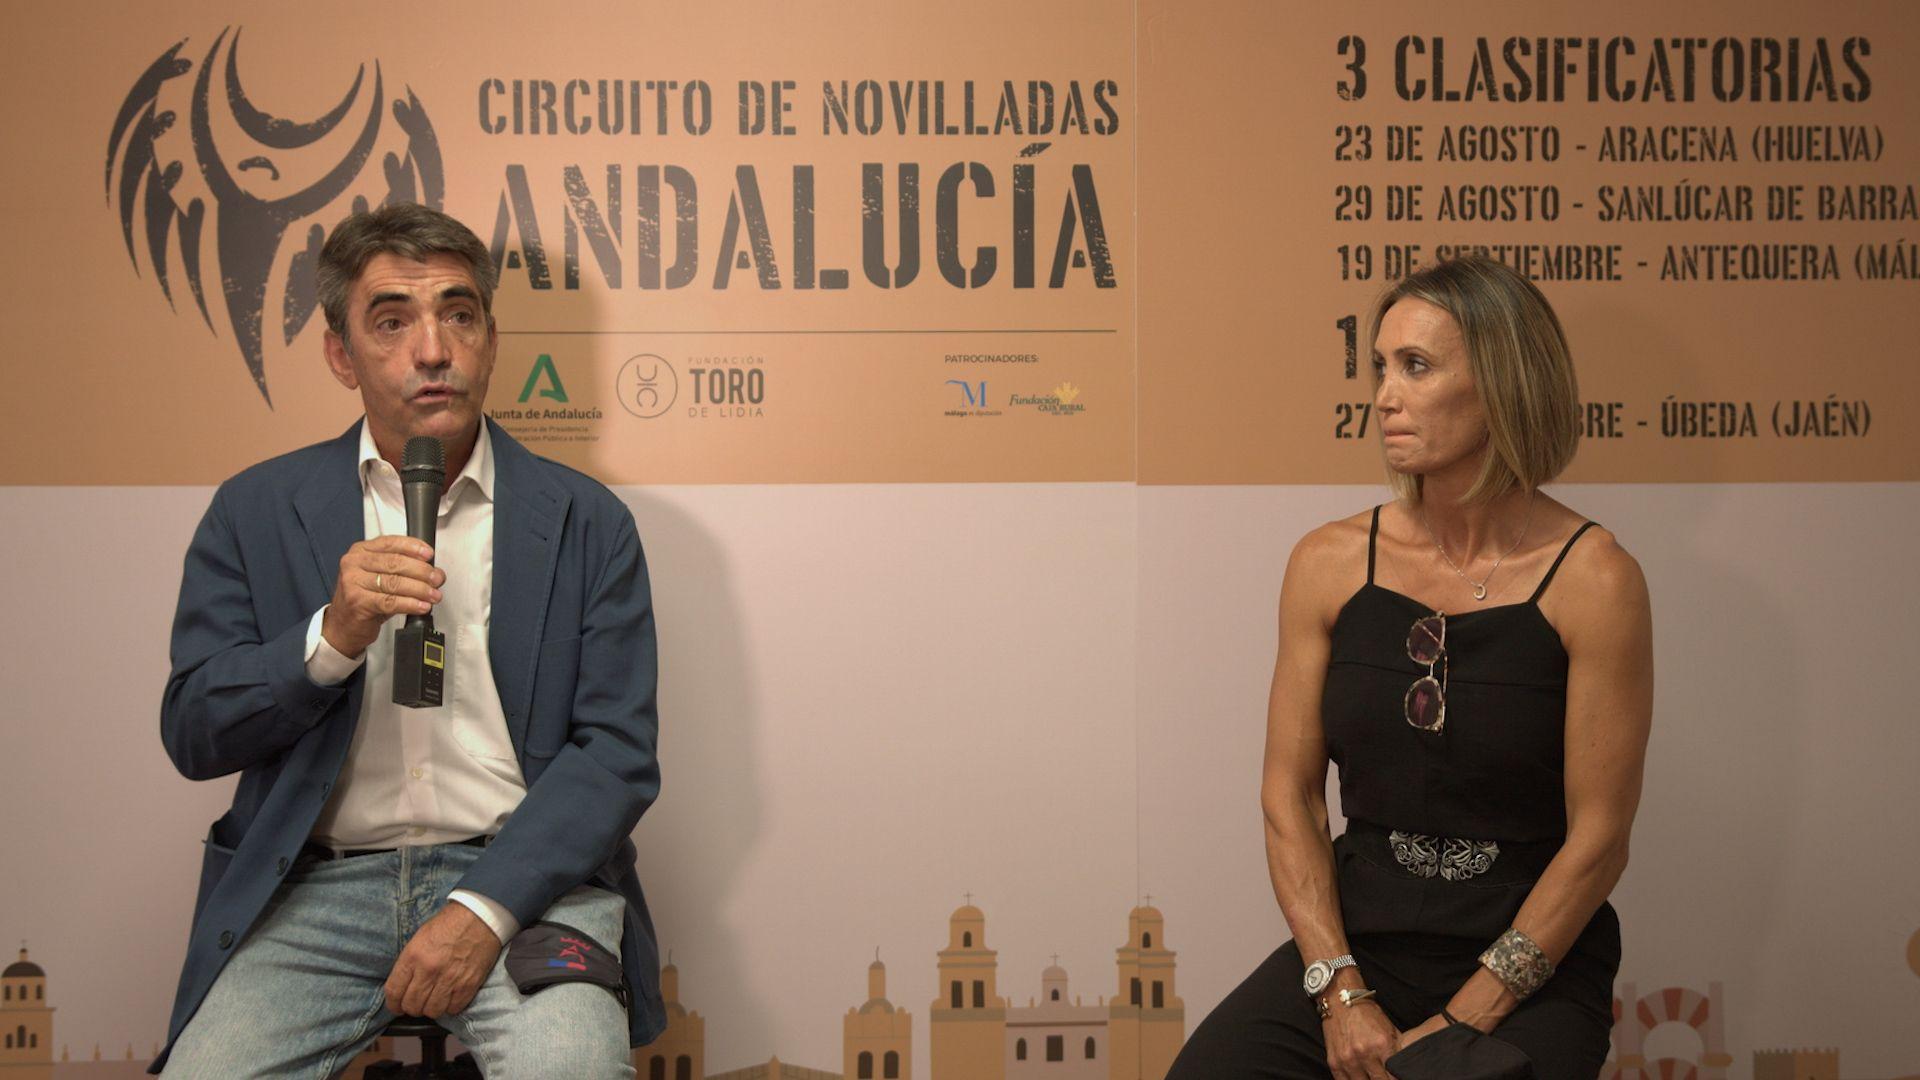 La Junta de Andalucía y la FTL presentan el Circuito de Novilladas de Andalucía